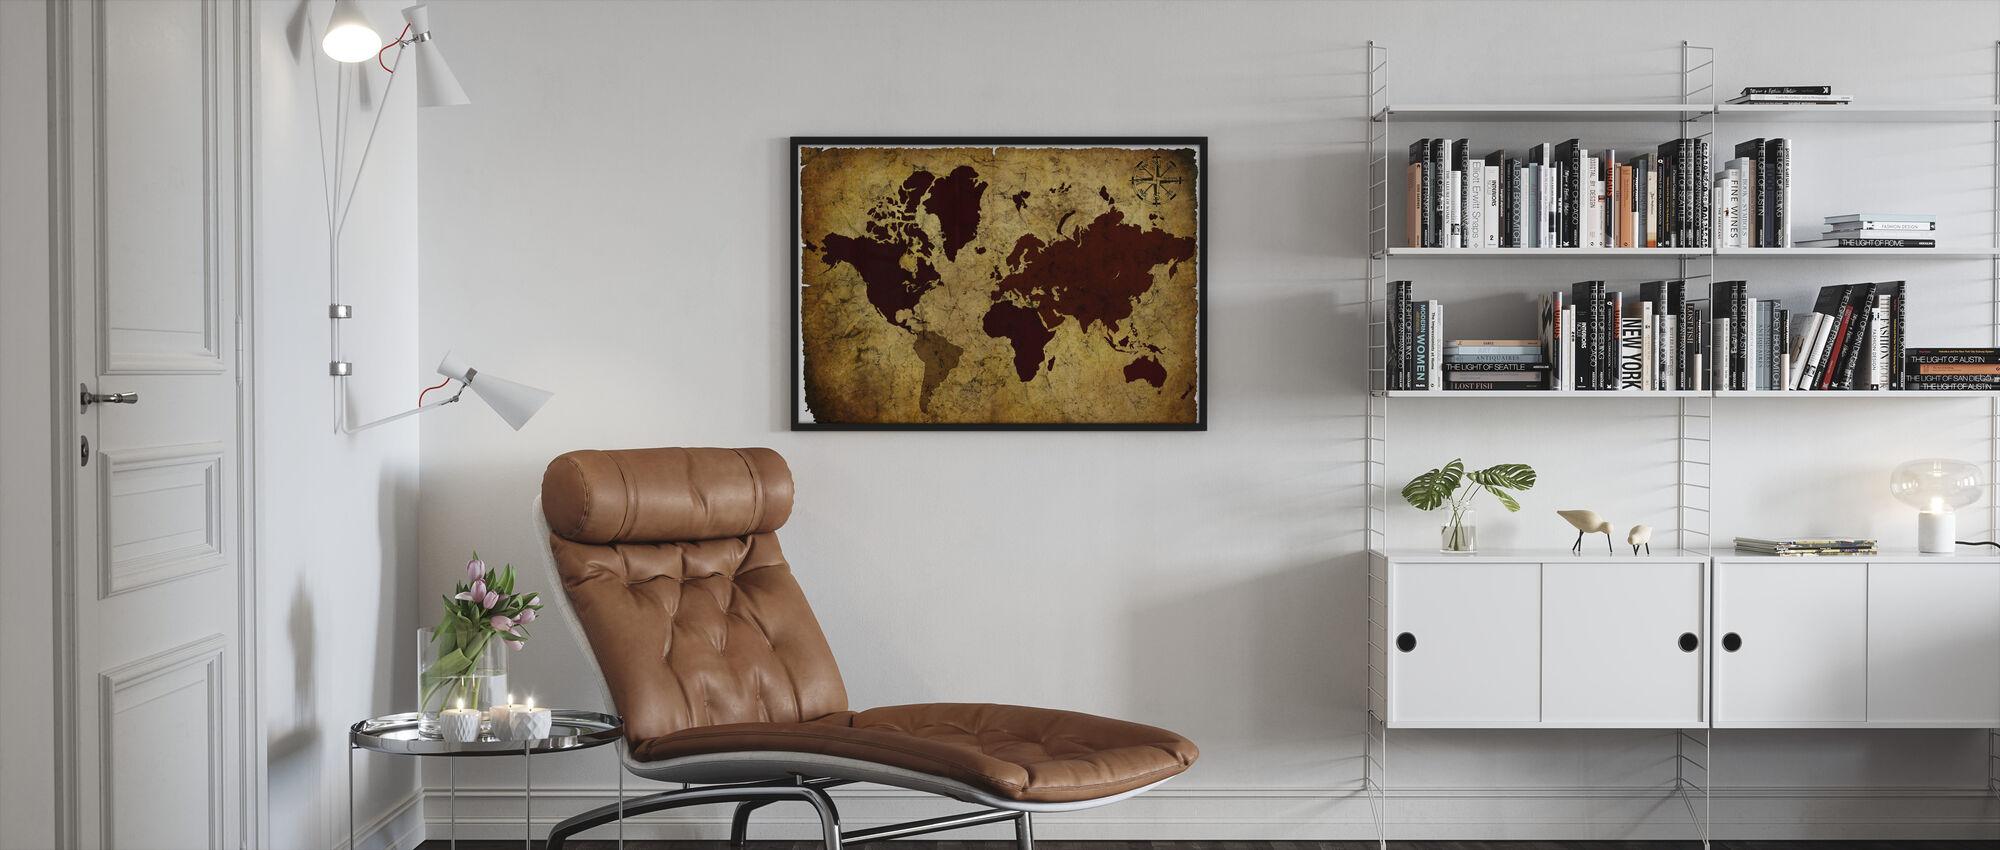 Vanha käsikirjoitus maailmankartta - Kehystetty kuva - Olohuone